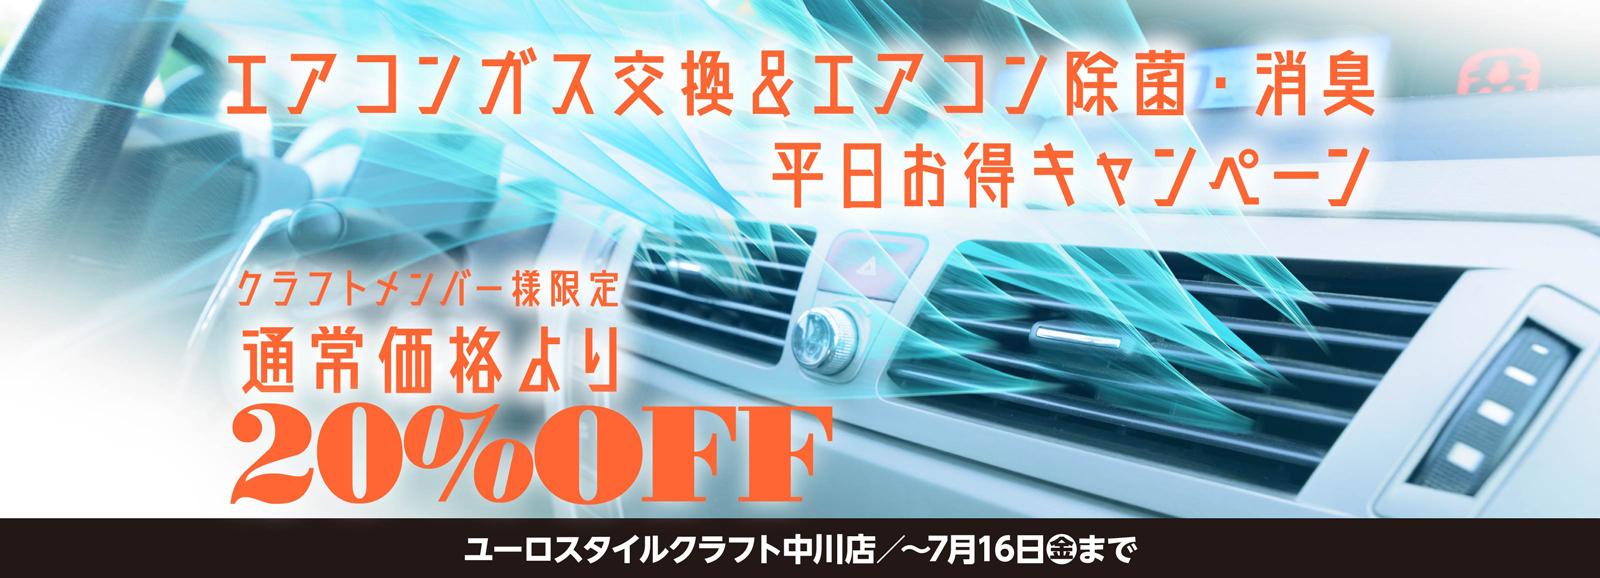 エアコンガス交換・除菌・消臭キャンペーン